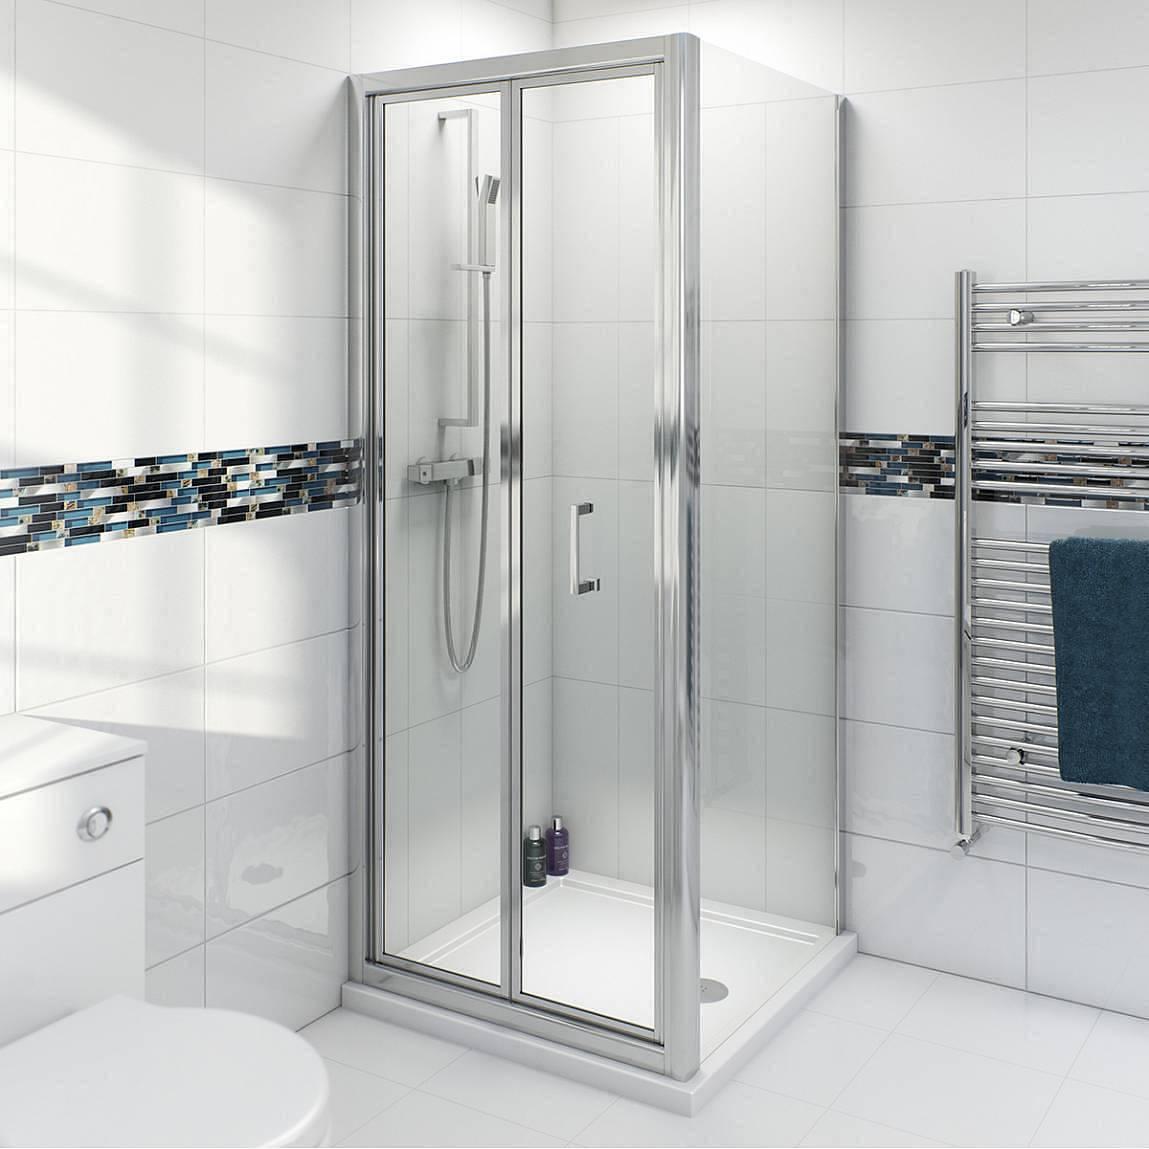 Image of V6 Bifold Enclosure 800 x 1000